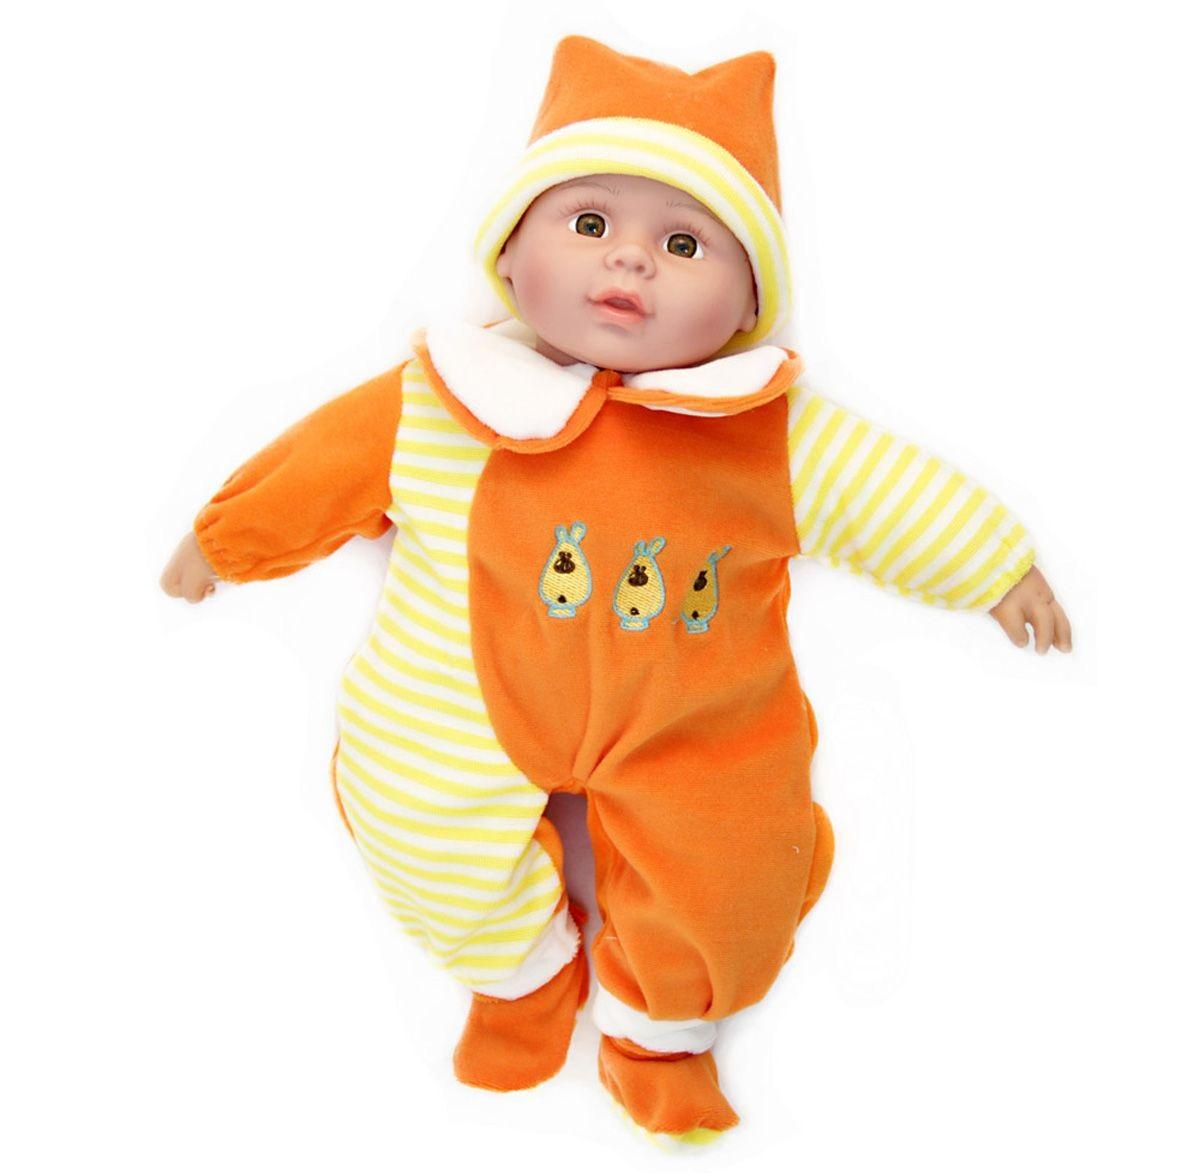 Интерактивная Кукла 40см. говорит, поет, рассказывает стихи (в оранжев.